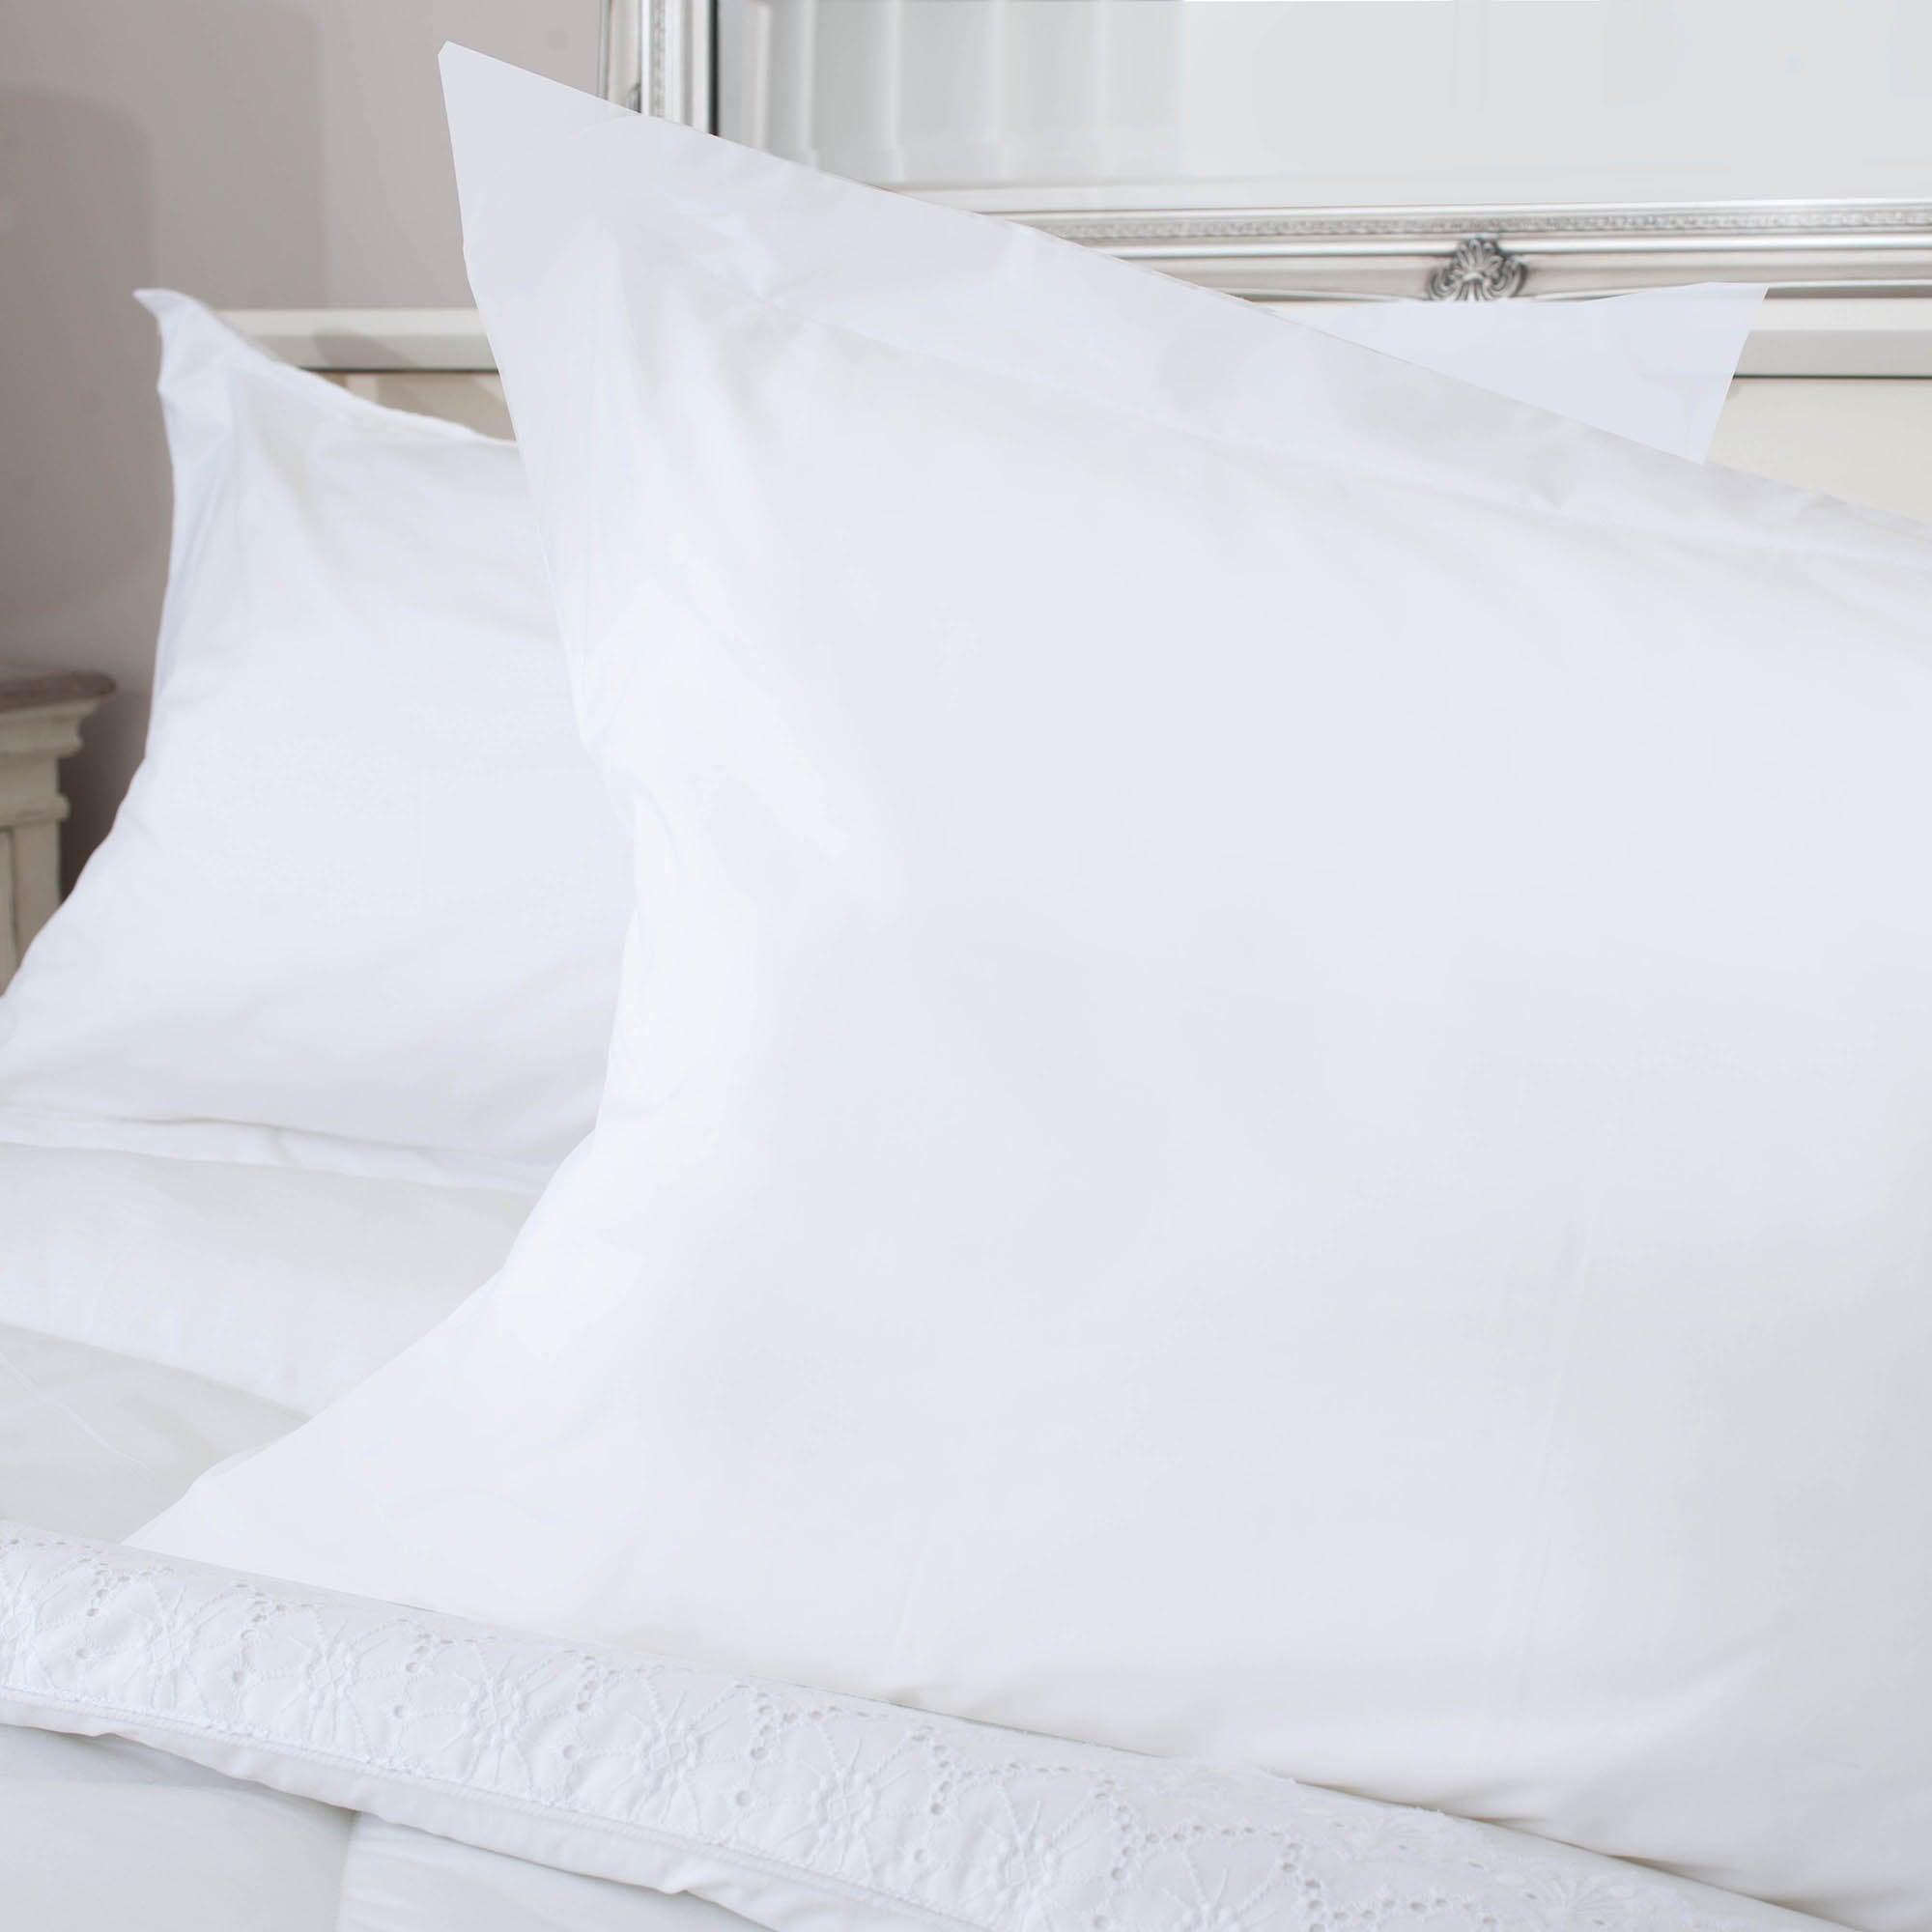 White Leighton Collection Oxford Pillowcase